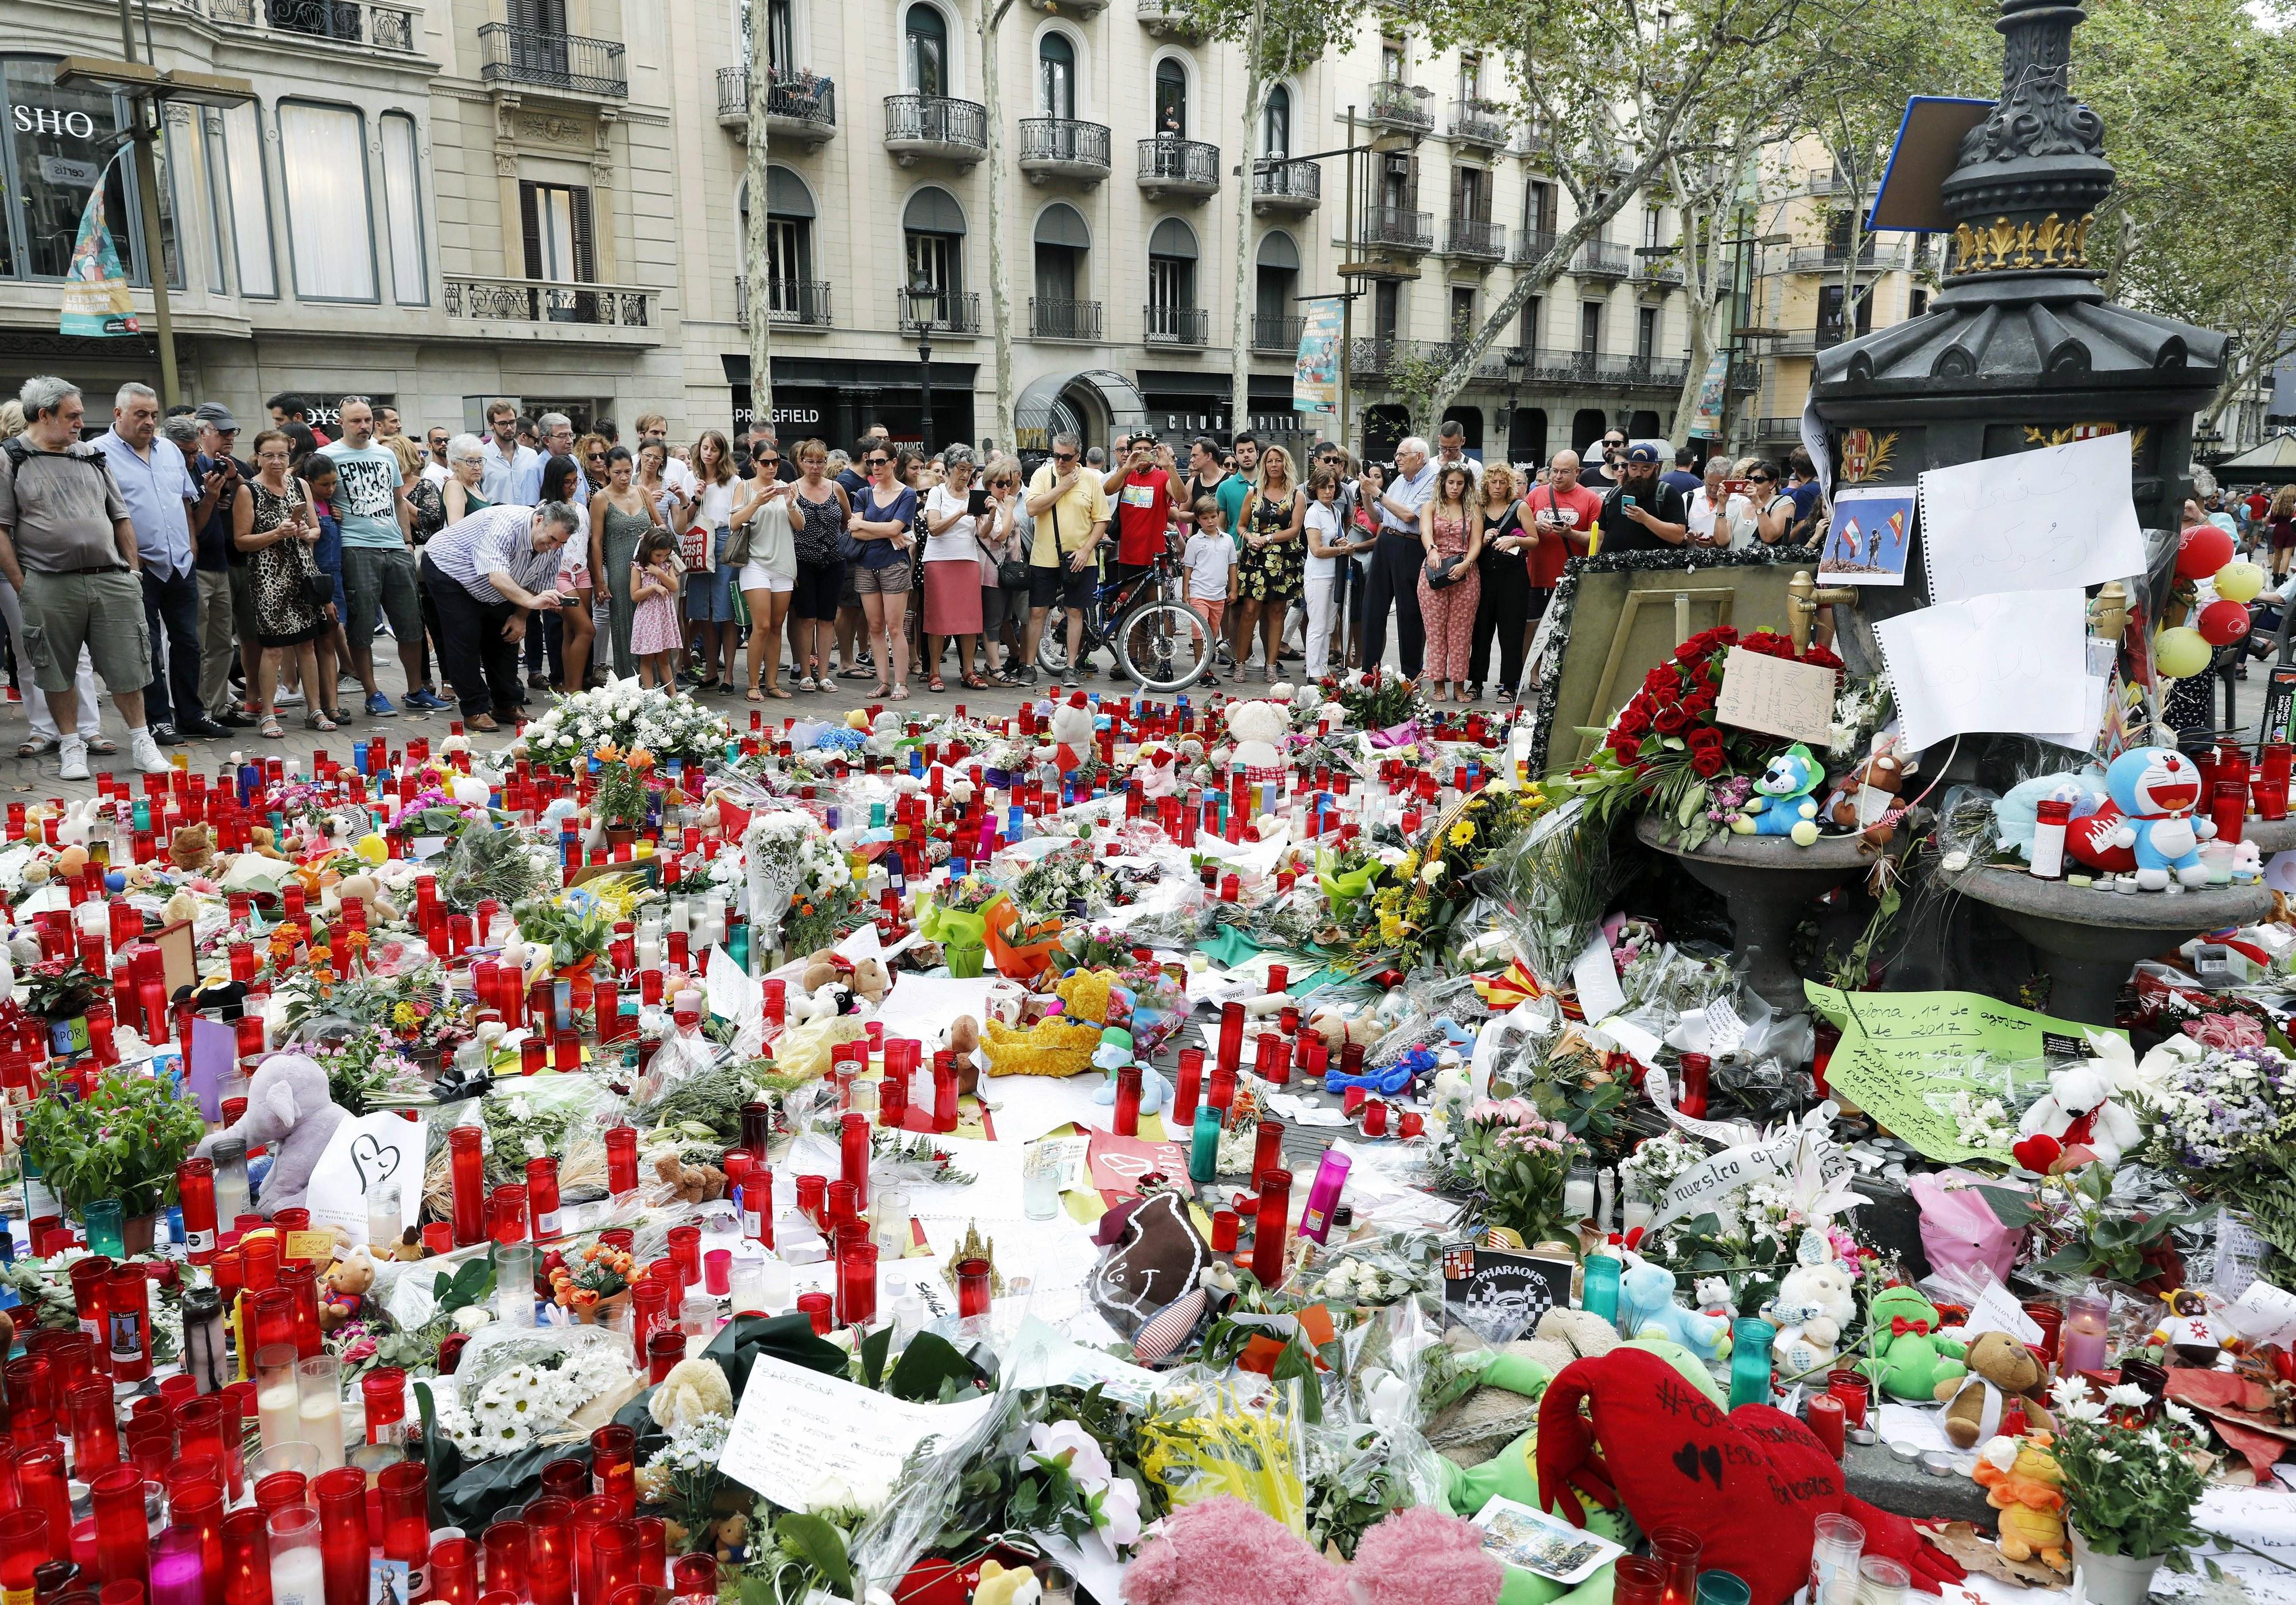 Manchester City e Everton homenageiam vítimas dos atentados em Barcelona